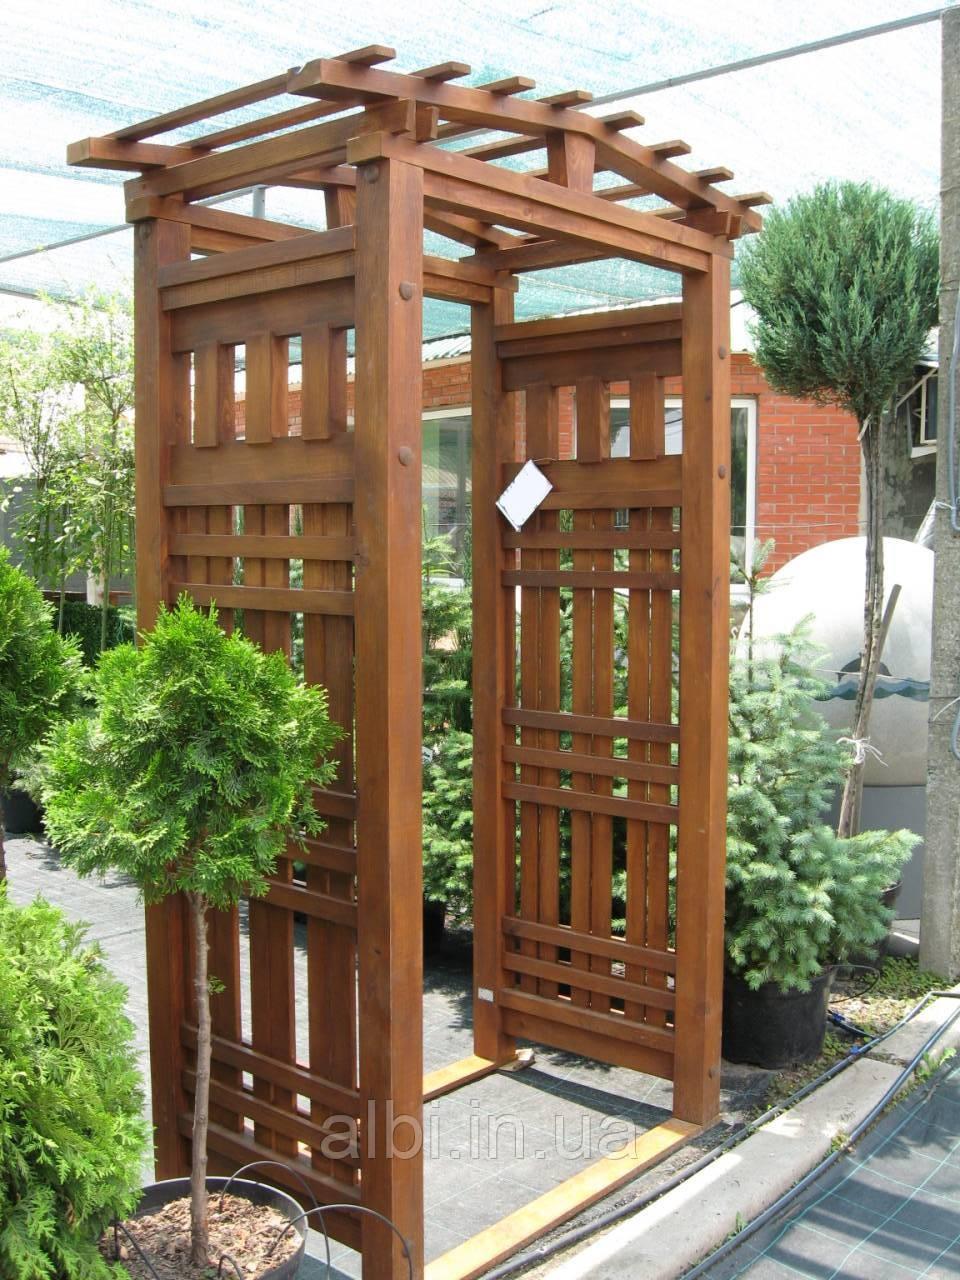 Арка Шанхай-7Л садовая для вьющих растений деревянная